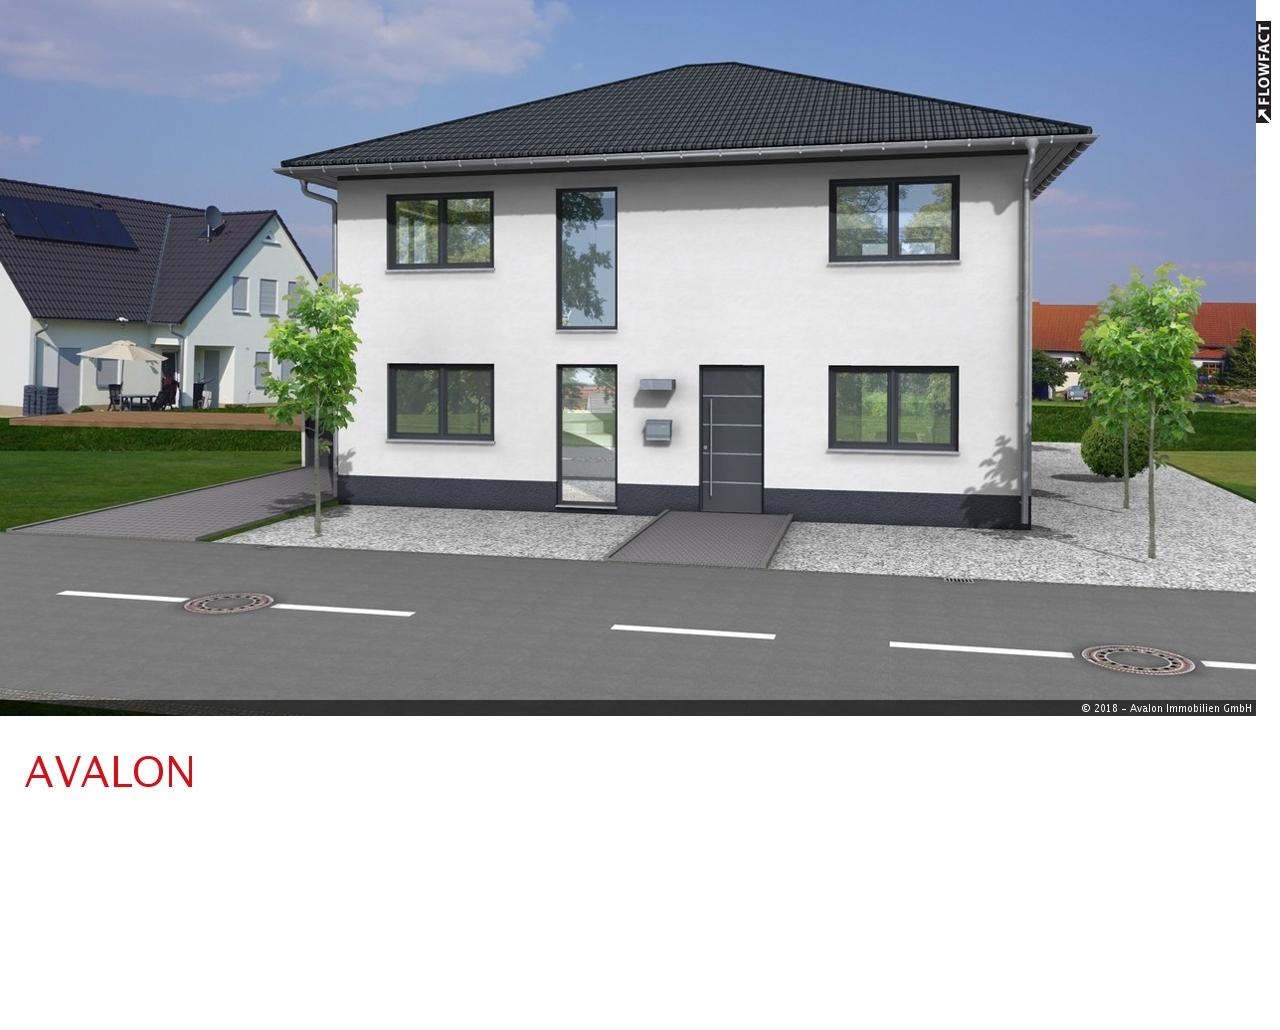 Krefeld Freihstehendes Haus Neubau Projektiert In Fischeln